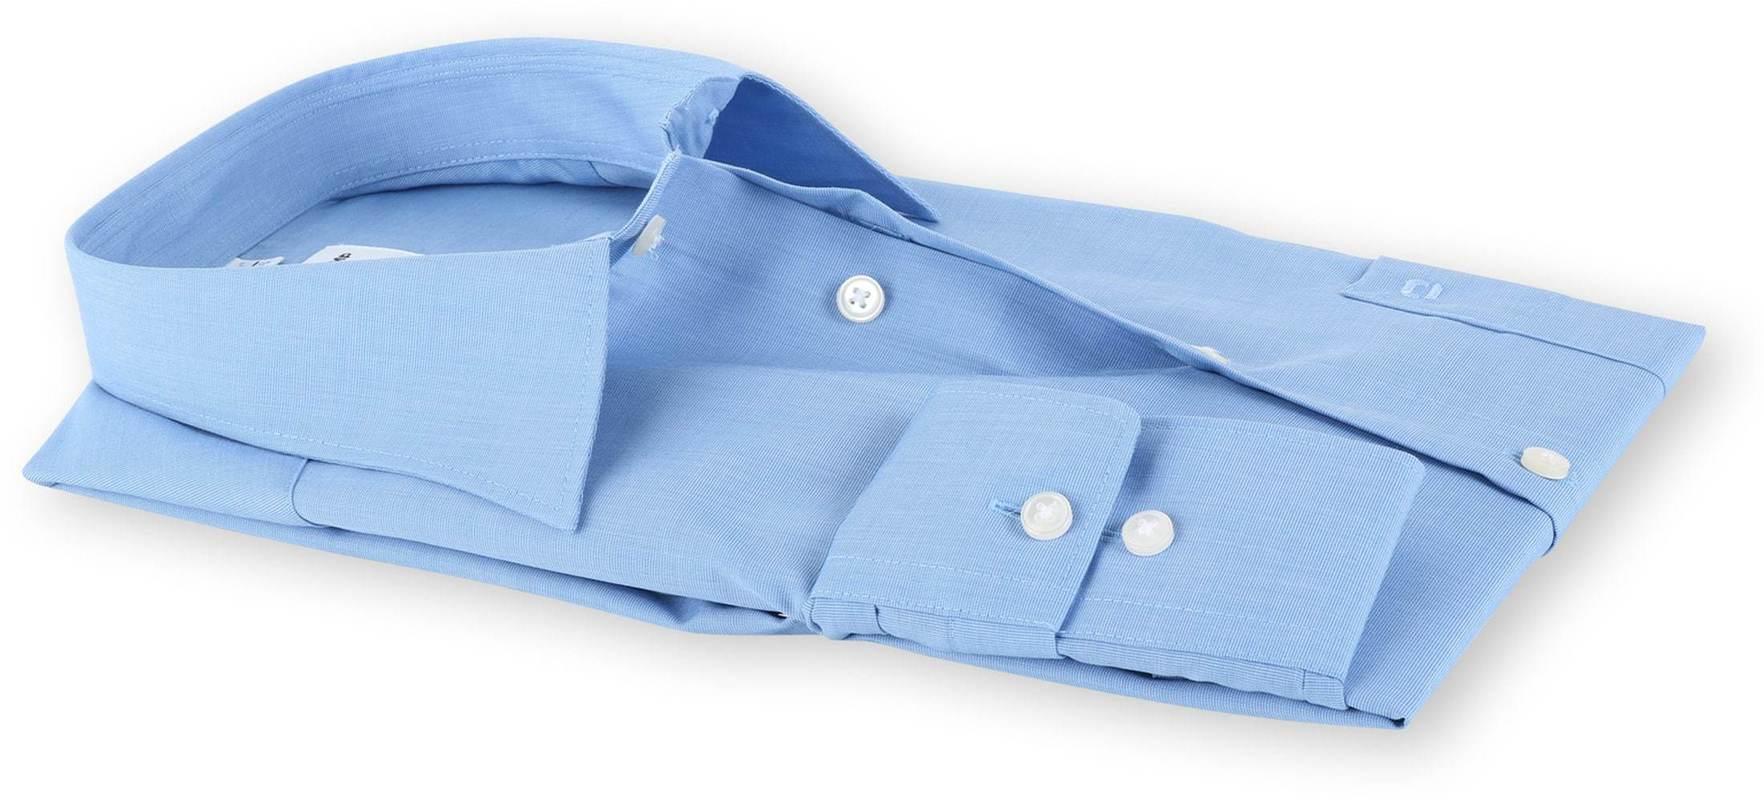 OLYMP Luxor Shirt Blauw Comfort Fit - Blauw maat 46